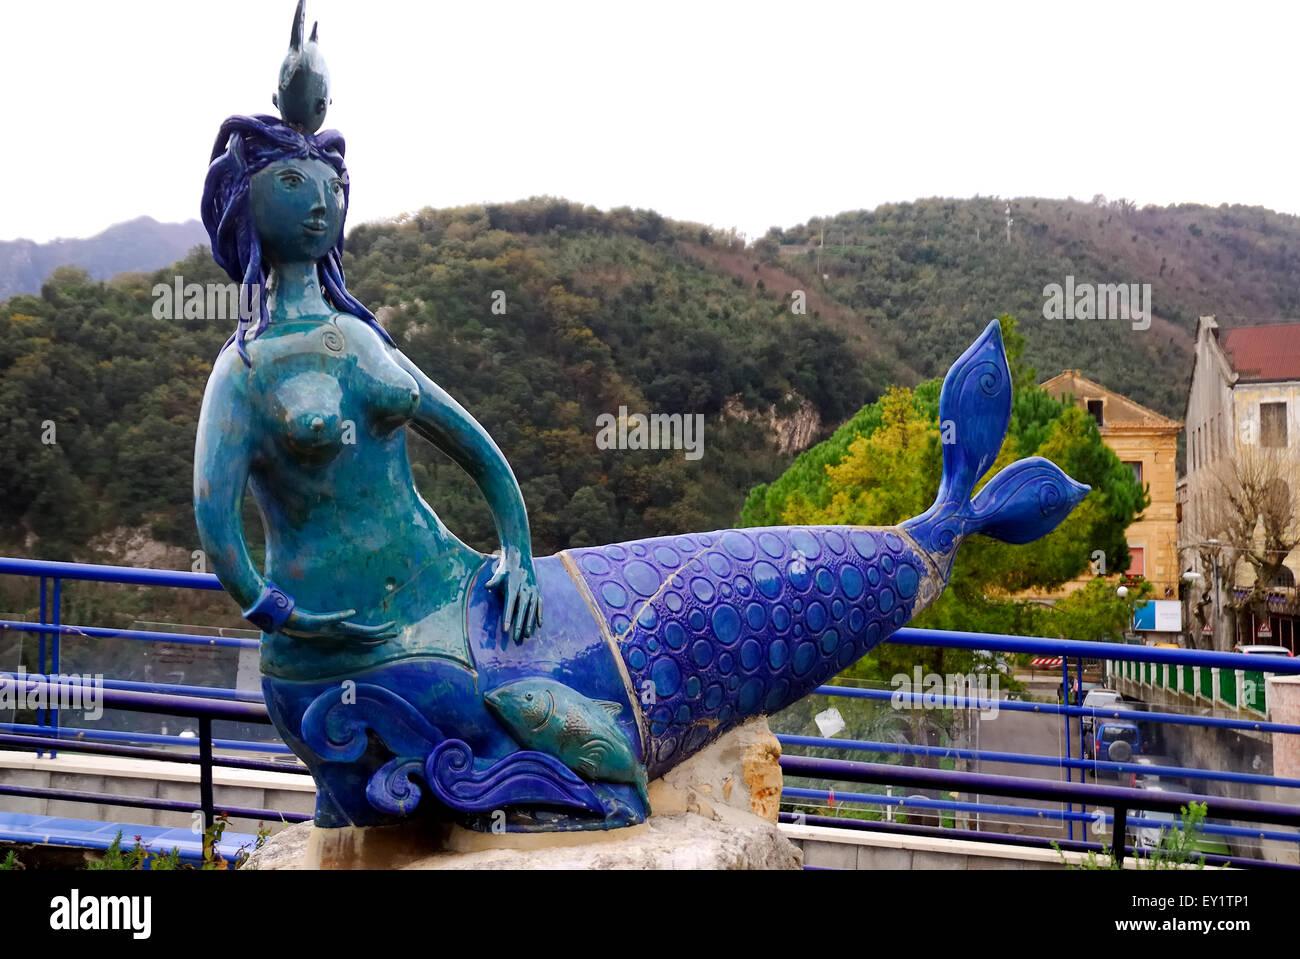 Vietri sul Mare, Costiera Amalfitana, Campania, Italy. An artistic ceramic statue representing a mermaid in the Stock Photo